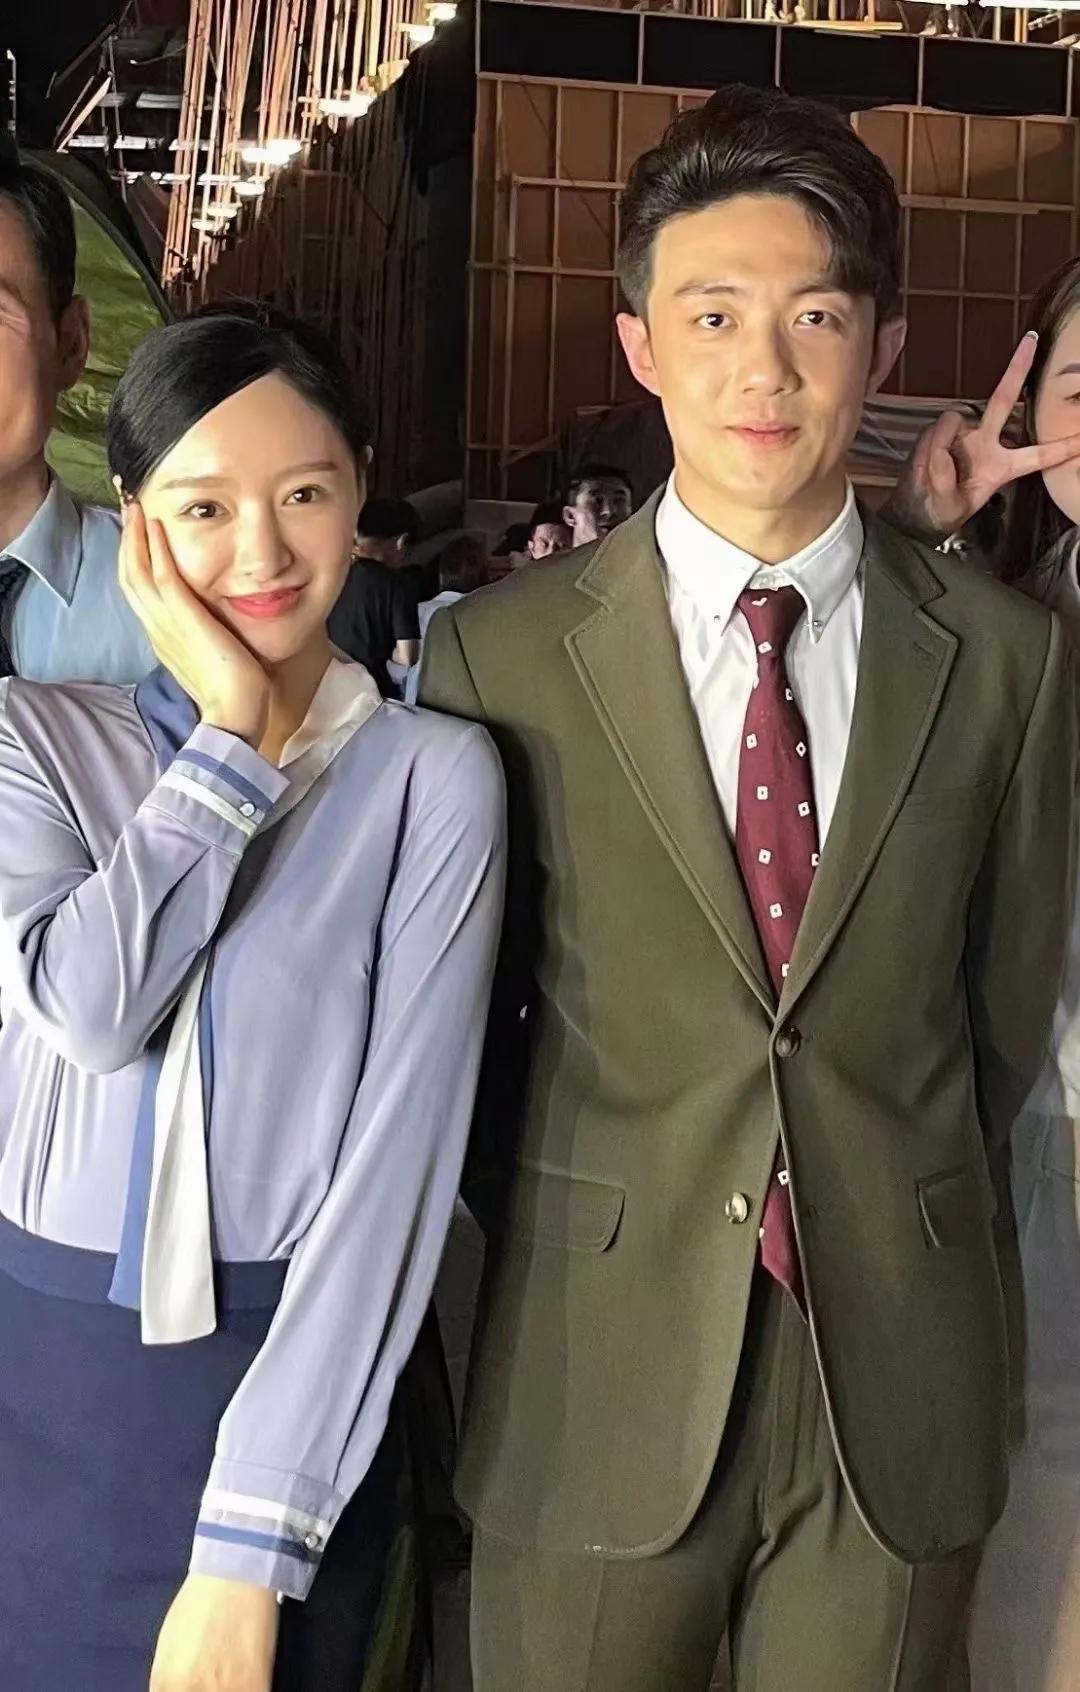 演員進修班楊慧欣跟楊冪合作大劇《愛的二八定律》殺青啦